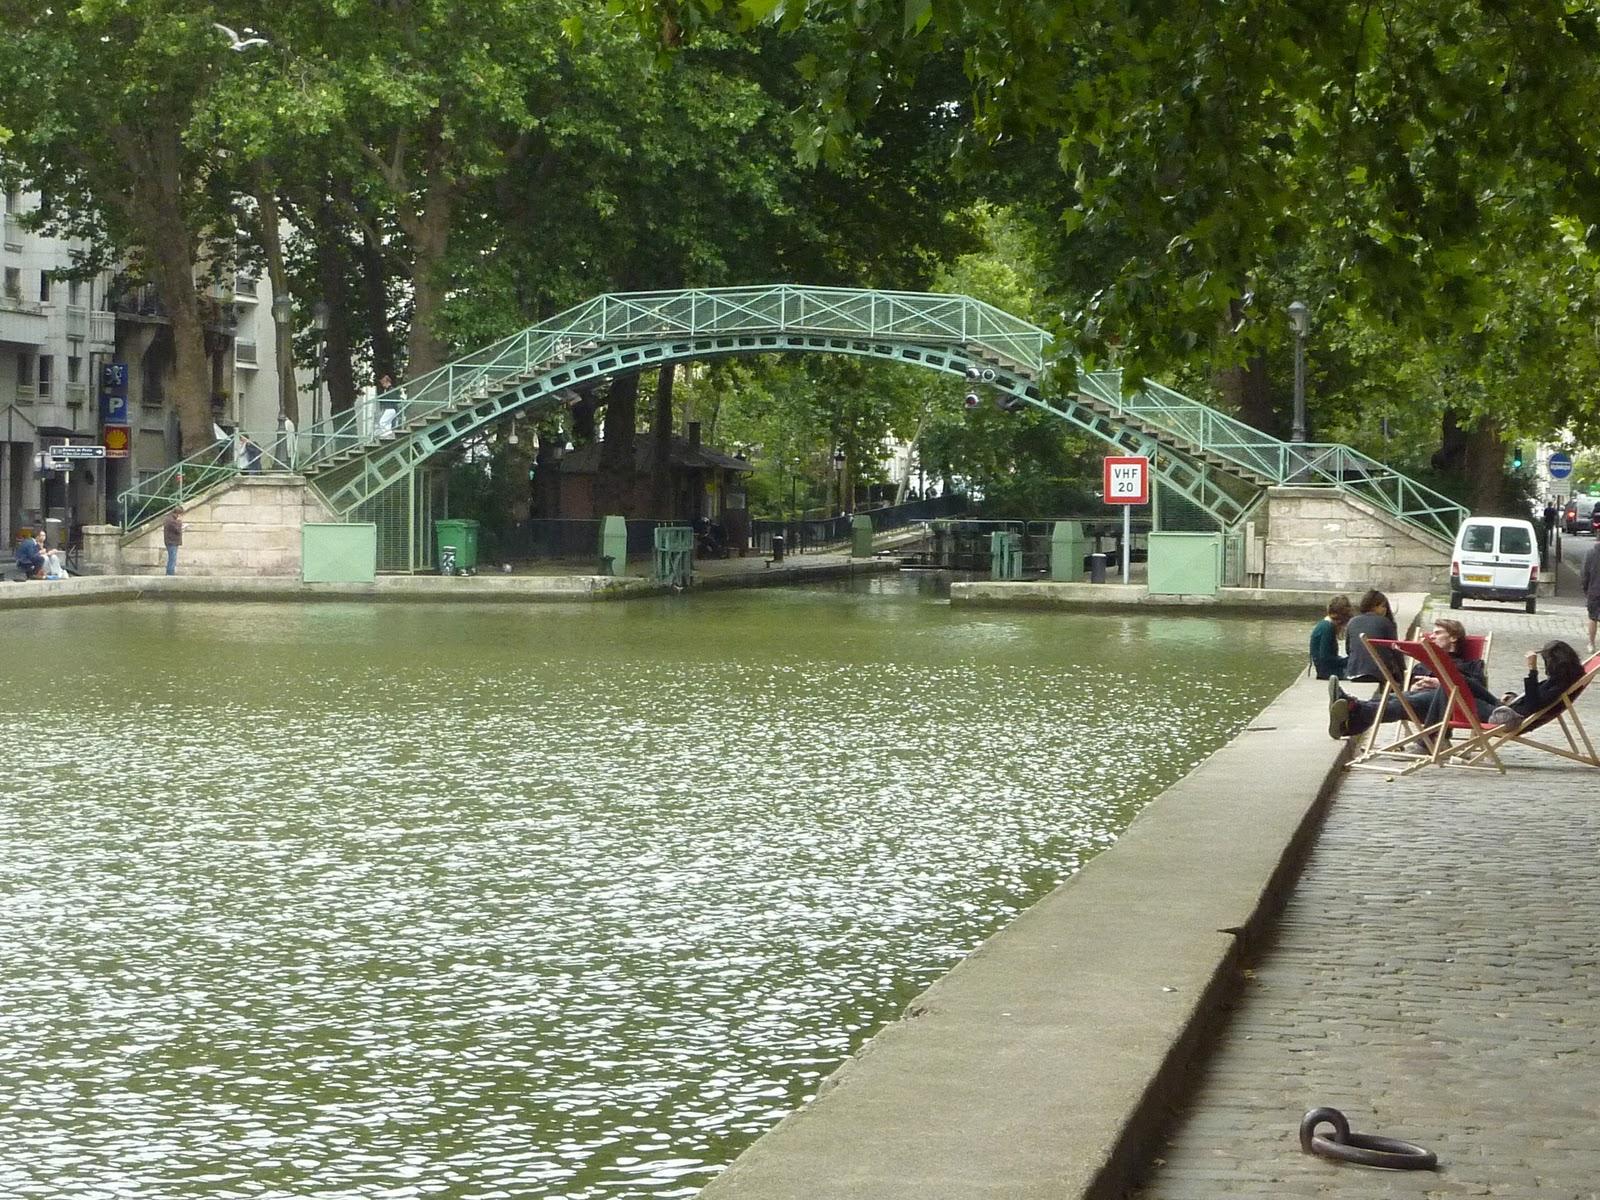 Croisière sur le Canal Saint Martin - ©anetcha-parisienne.blogspot.fr